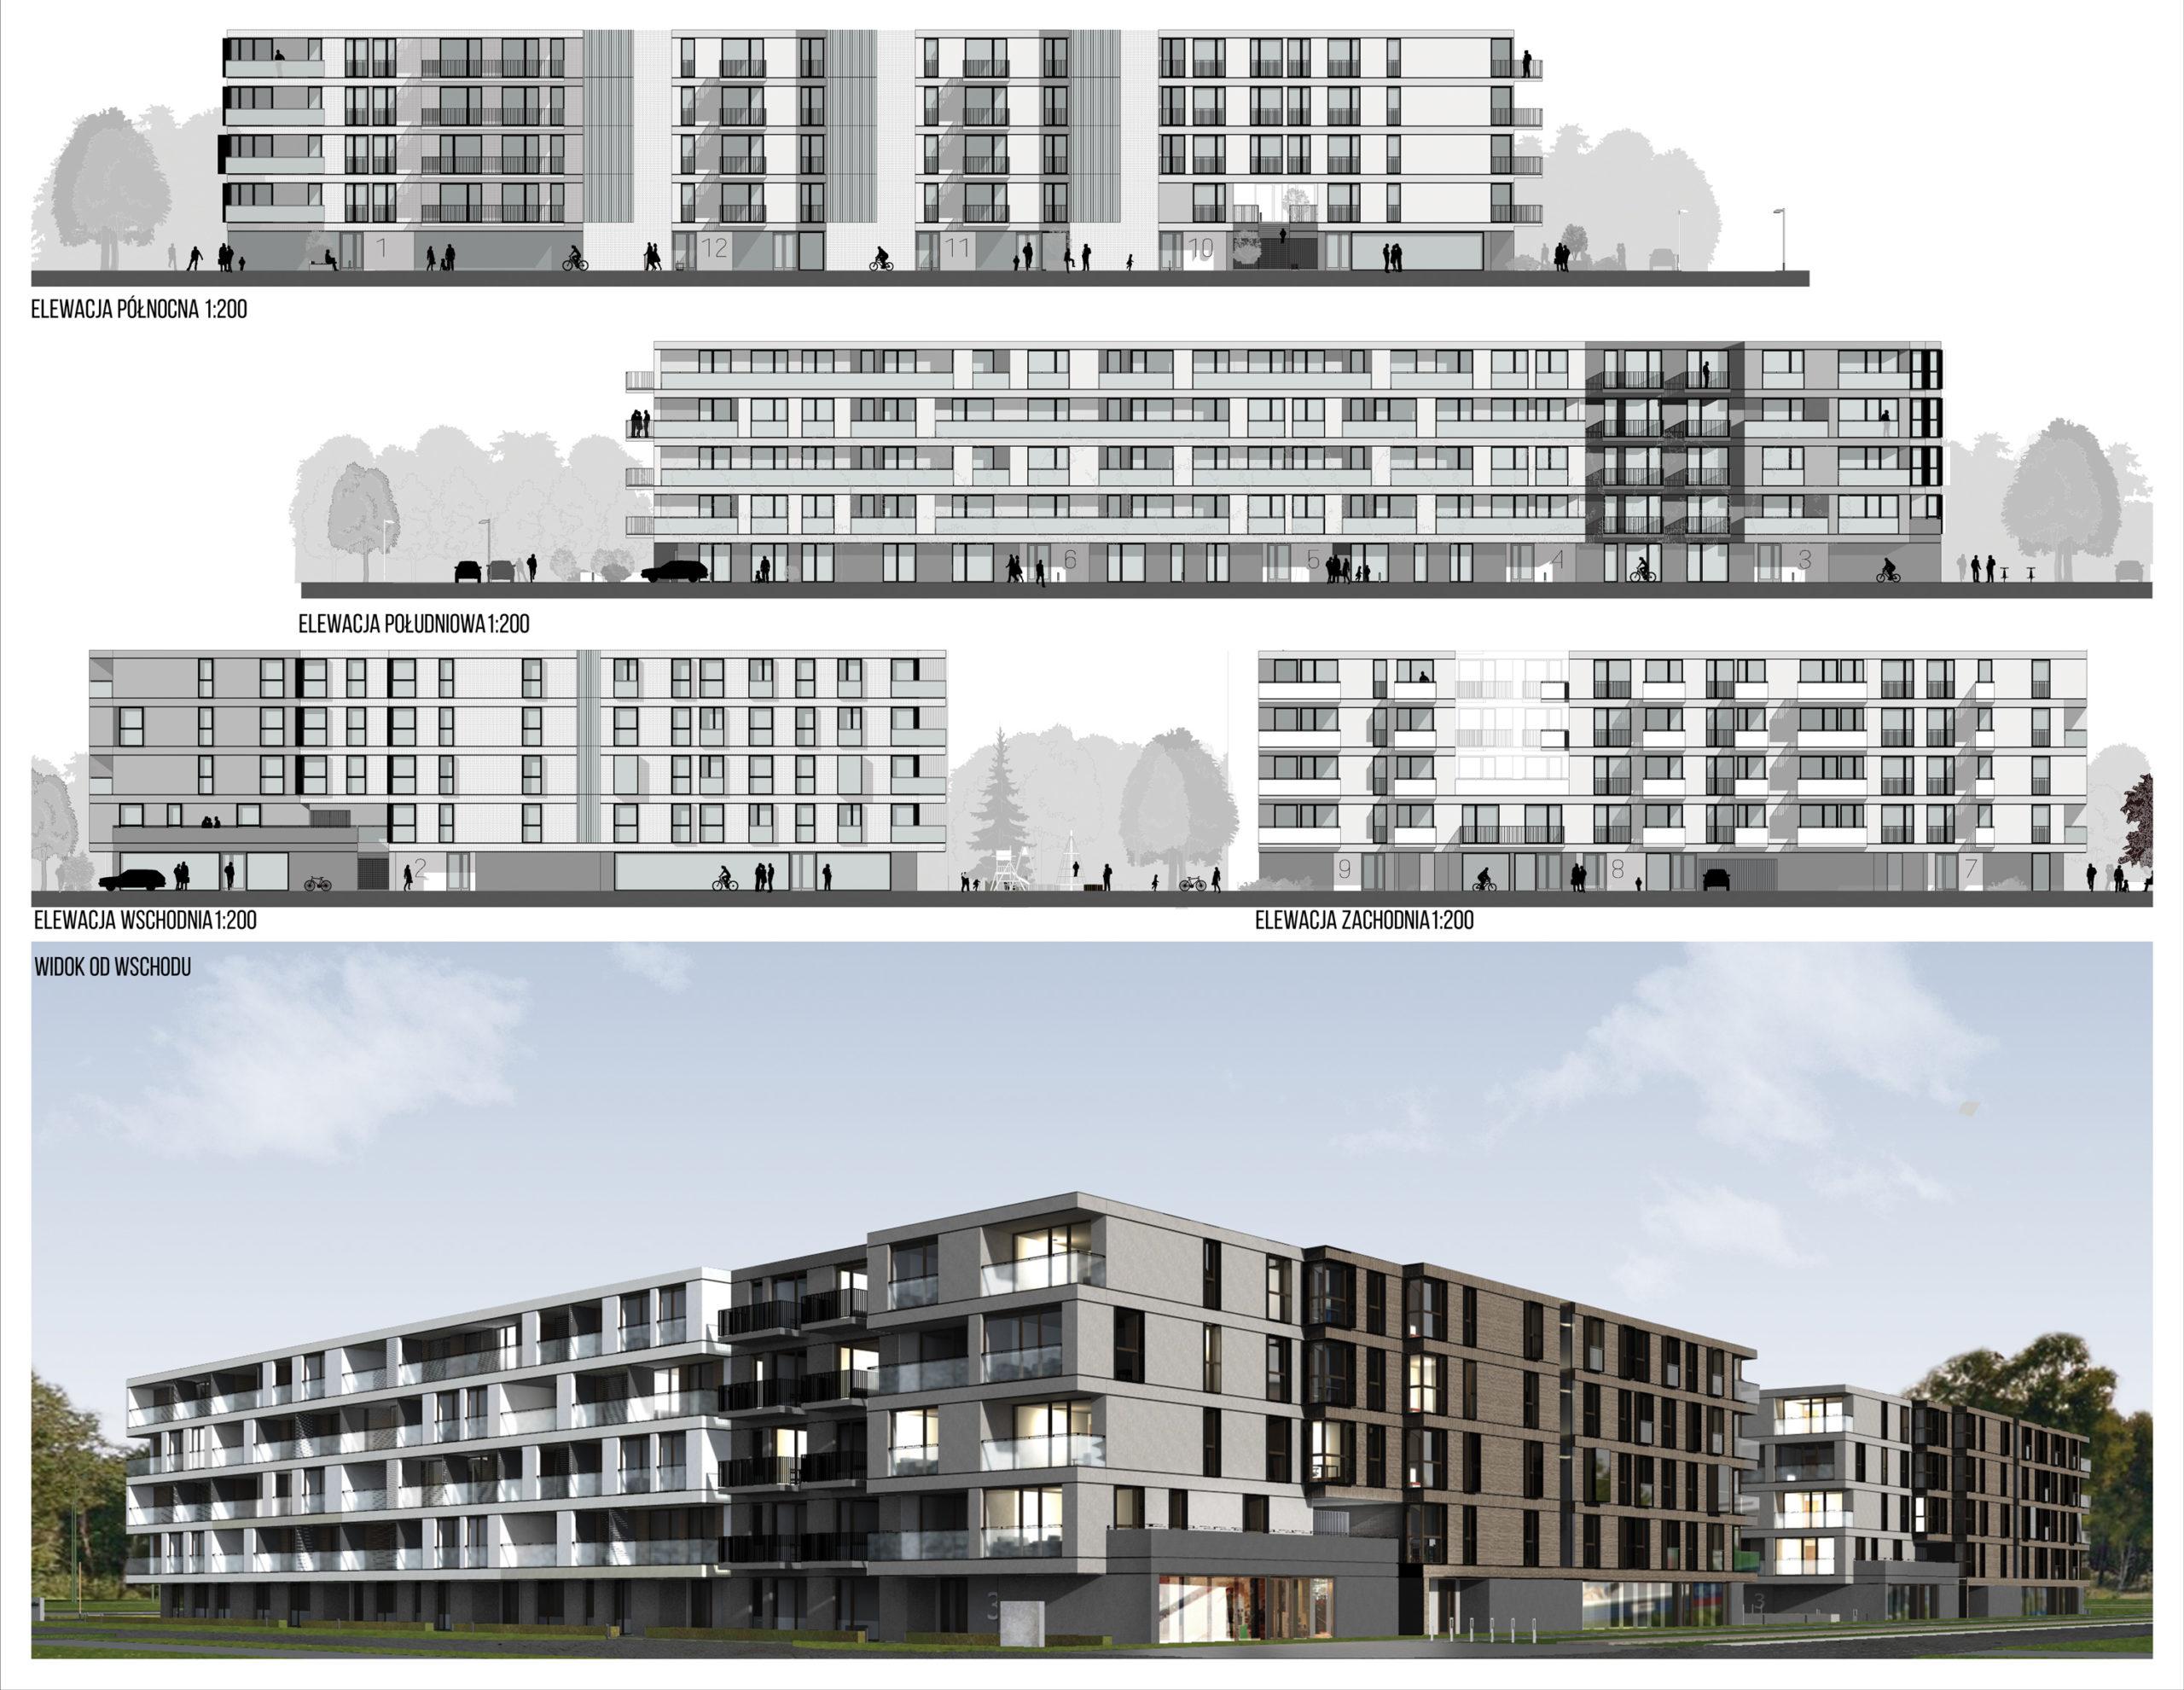 mrowcza gorka, zespol mieszkaniowy, architekt slask, elewacja wschodnia, elewacja zachodnia, widok od wschodu